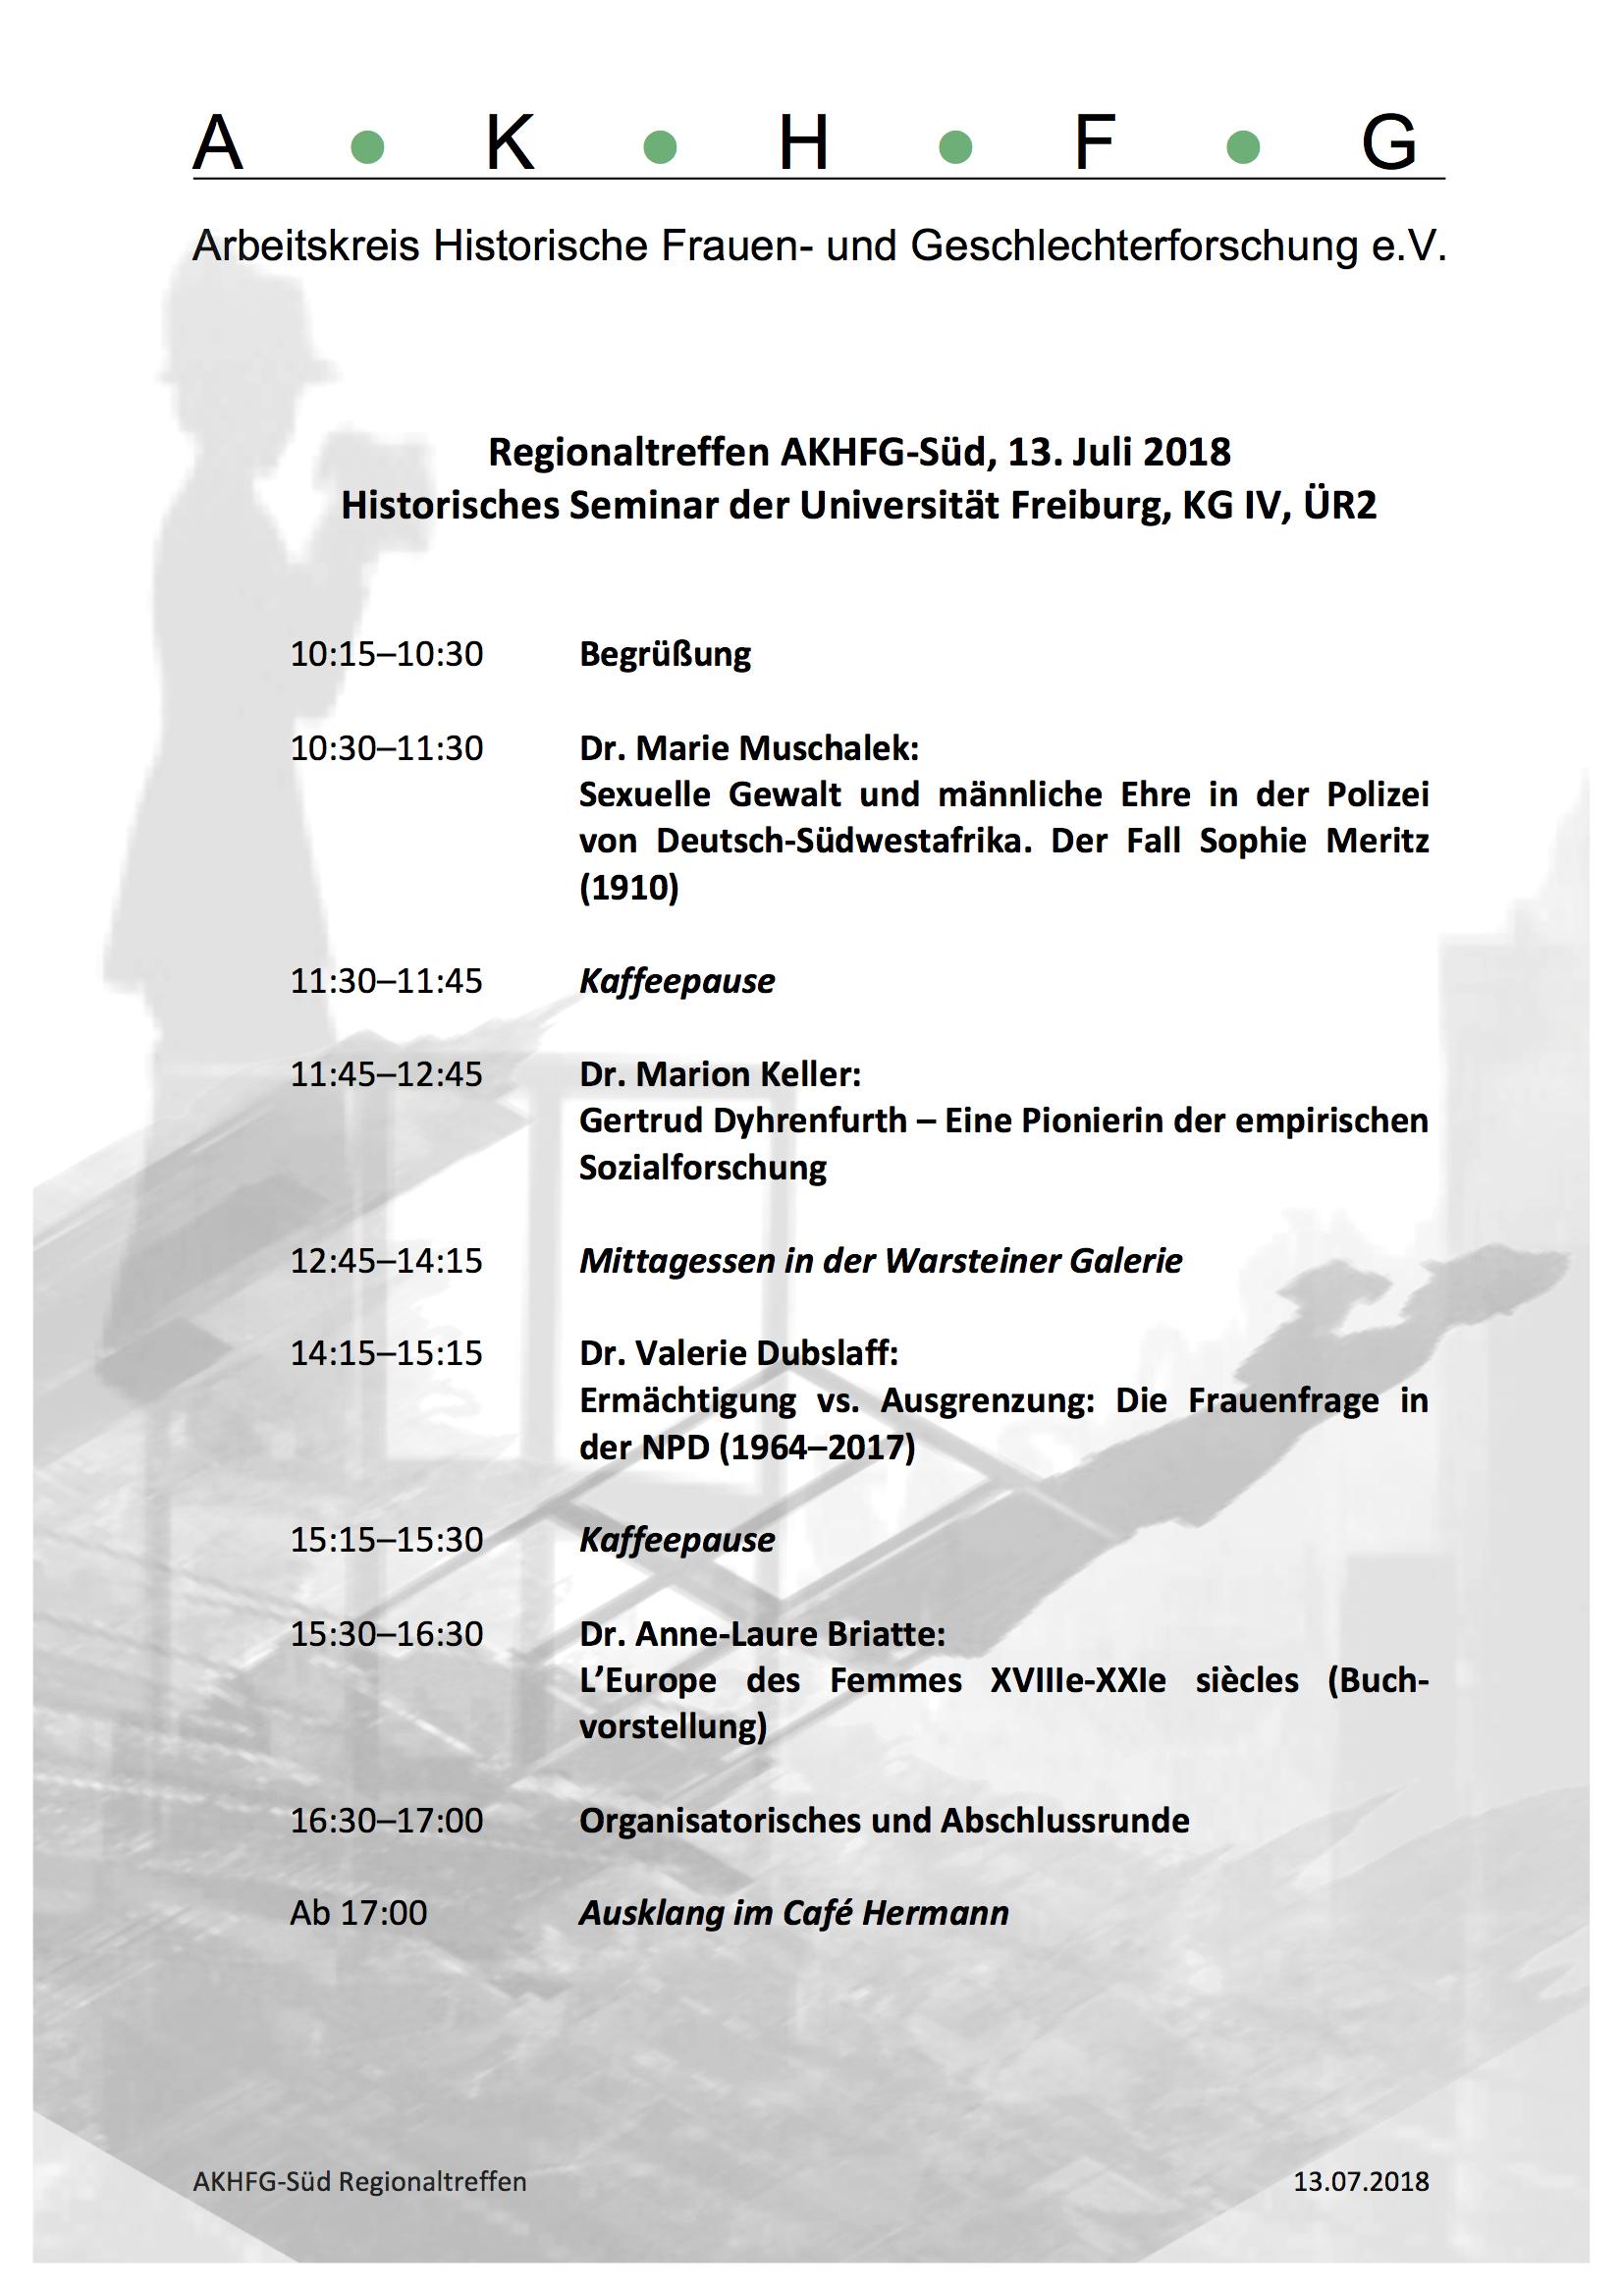 AKHFG Regionaltreffen